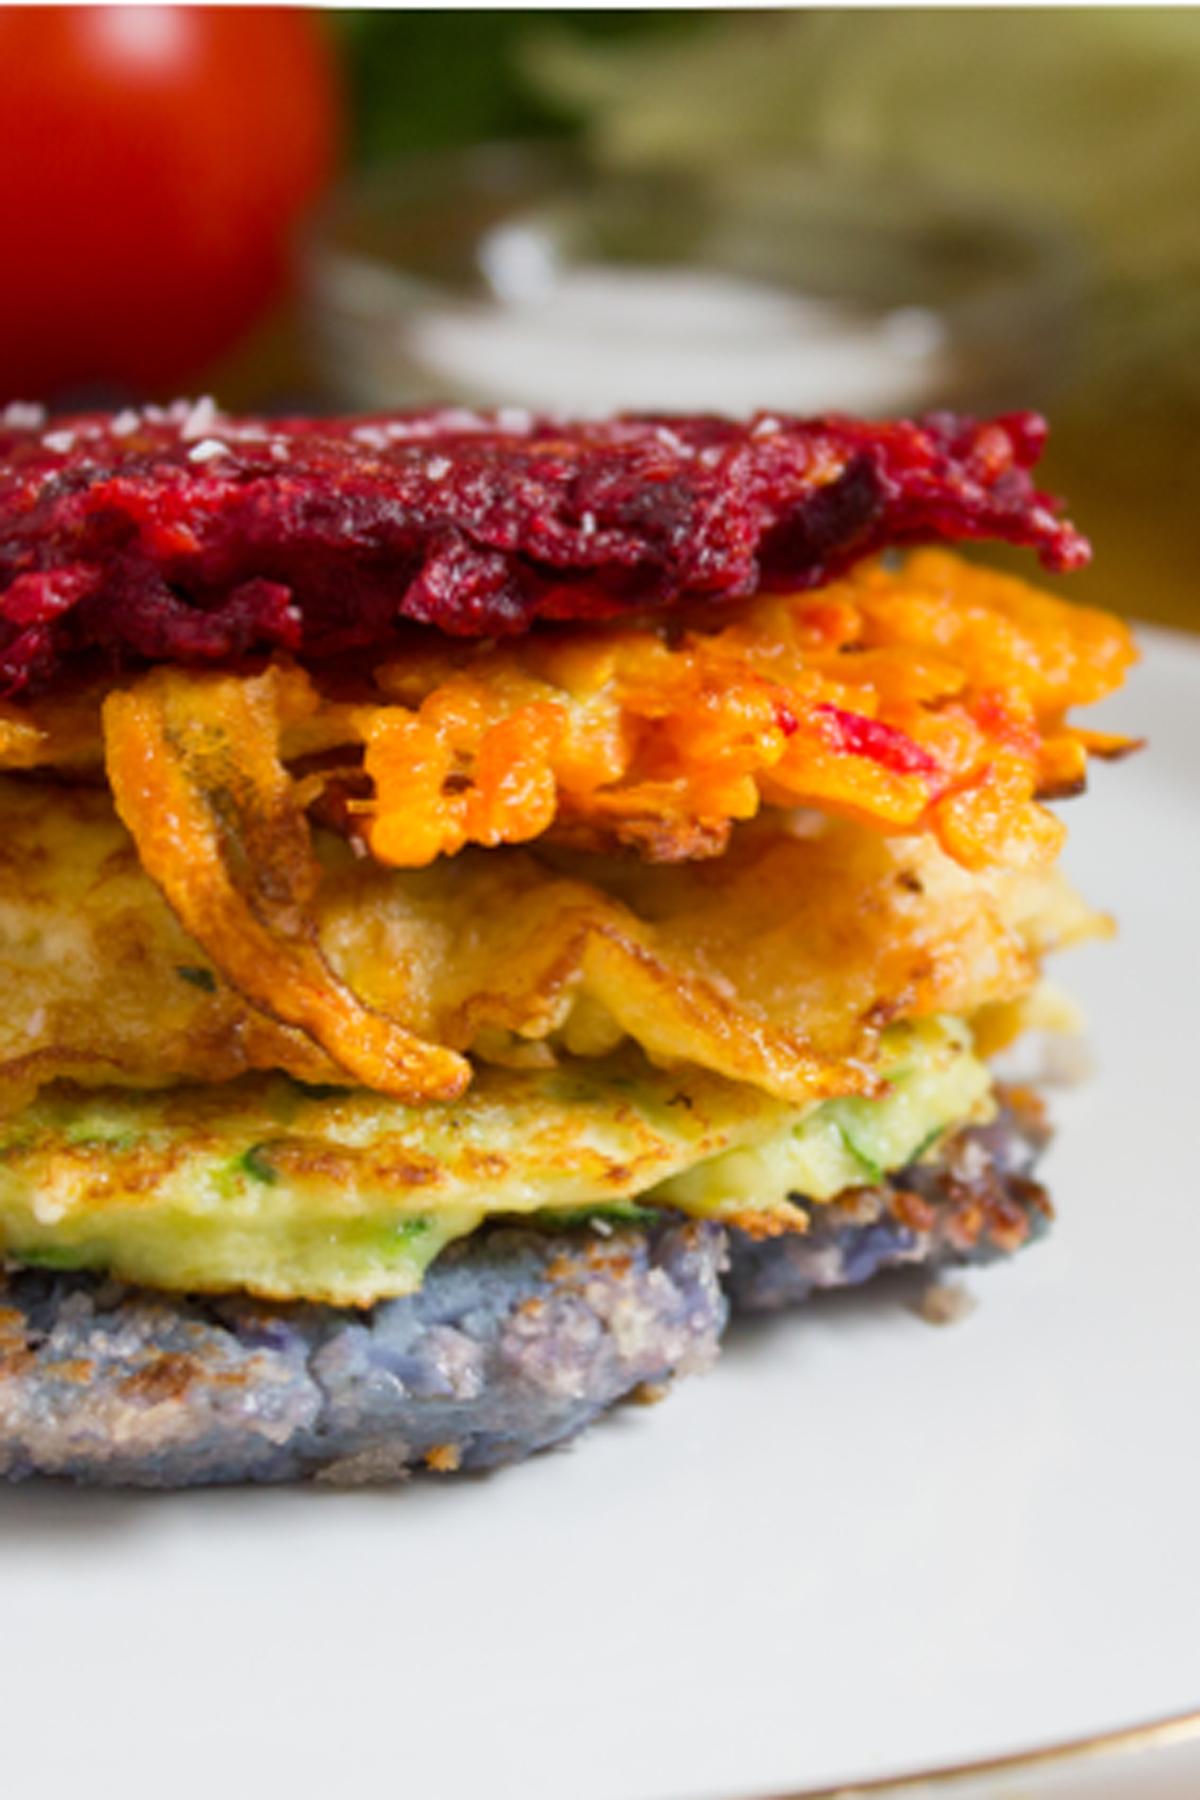 10 Best Hanukkah Foods to Make This Year - Best Hanukkah ...